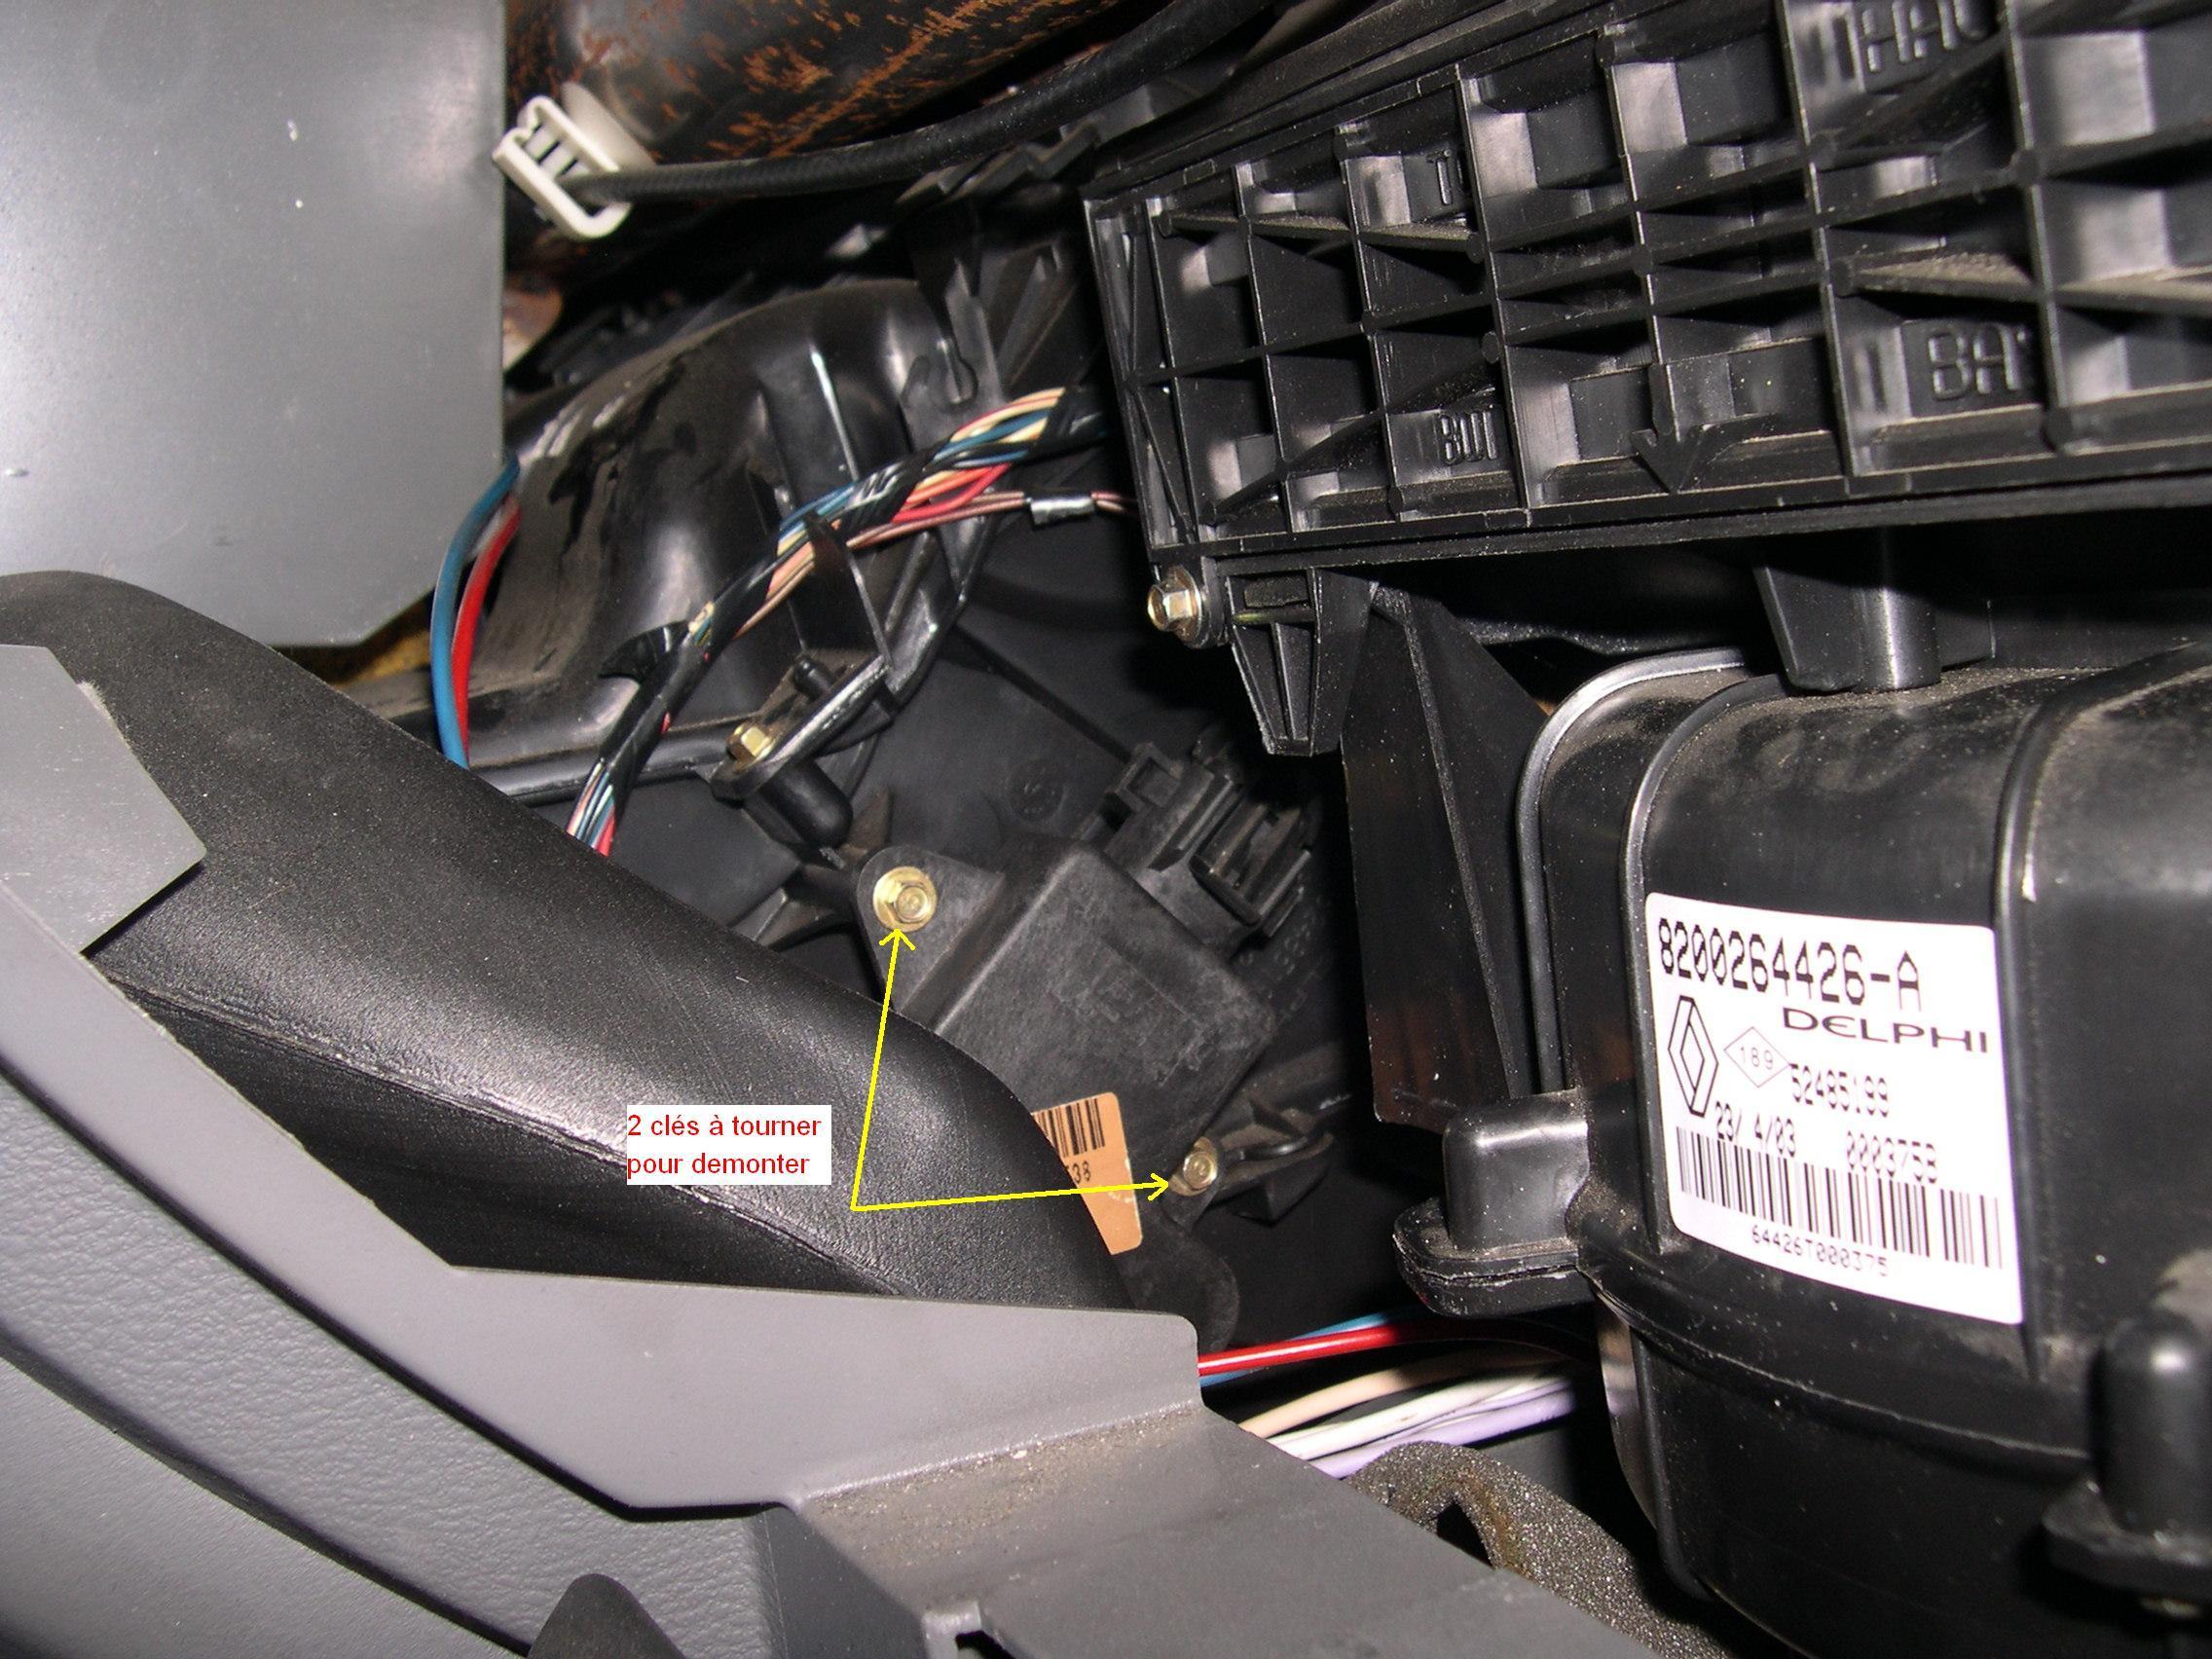 laguna ii panne climatisation auto cot conducteur p0 plan te renault. Black Bedroom Furniture Sets. Home Design Ideas